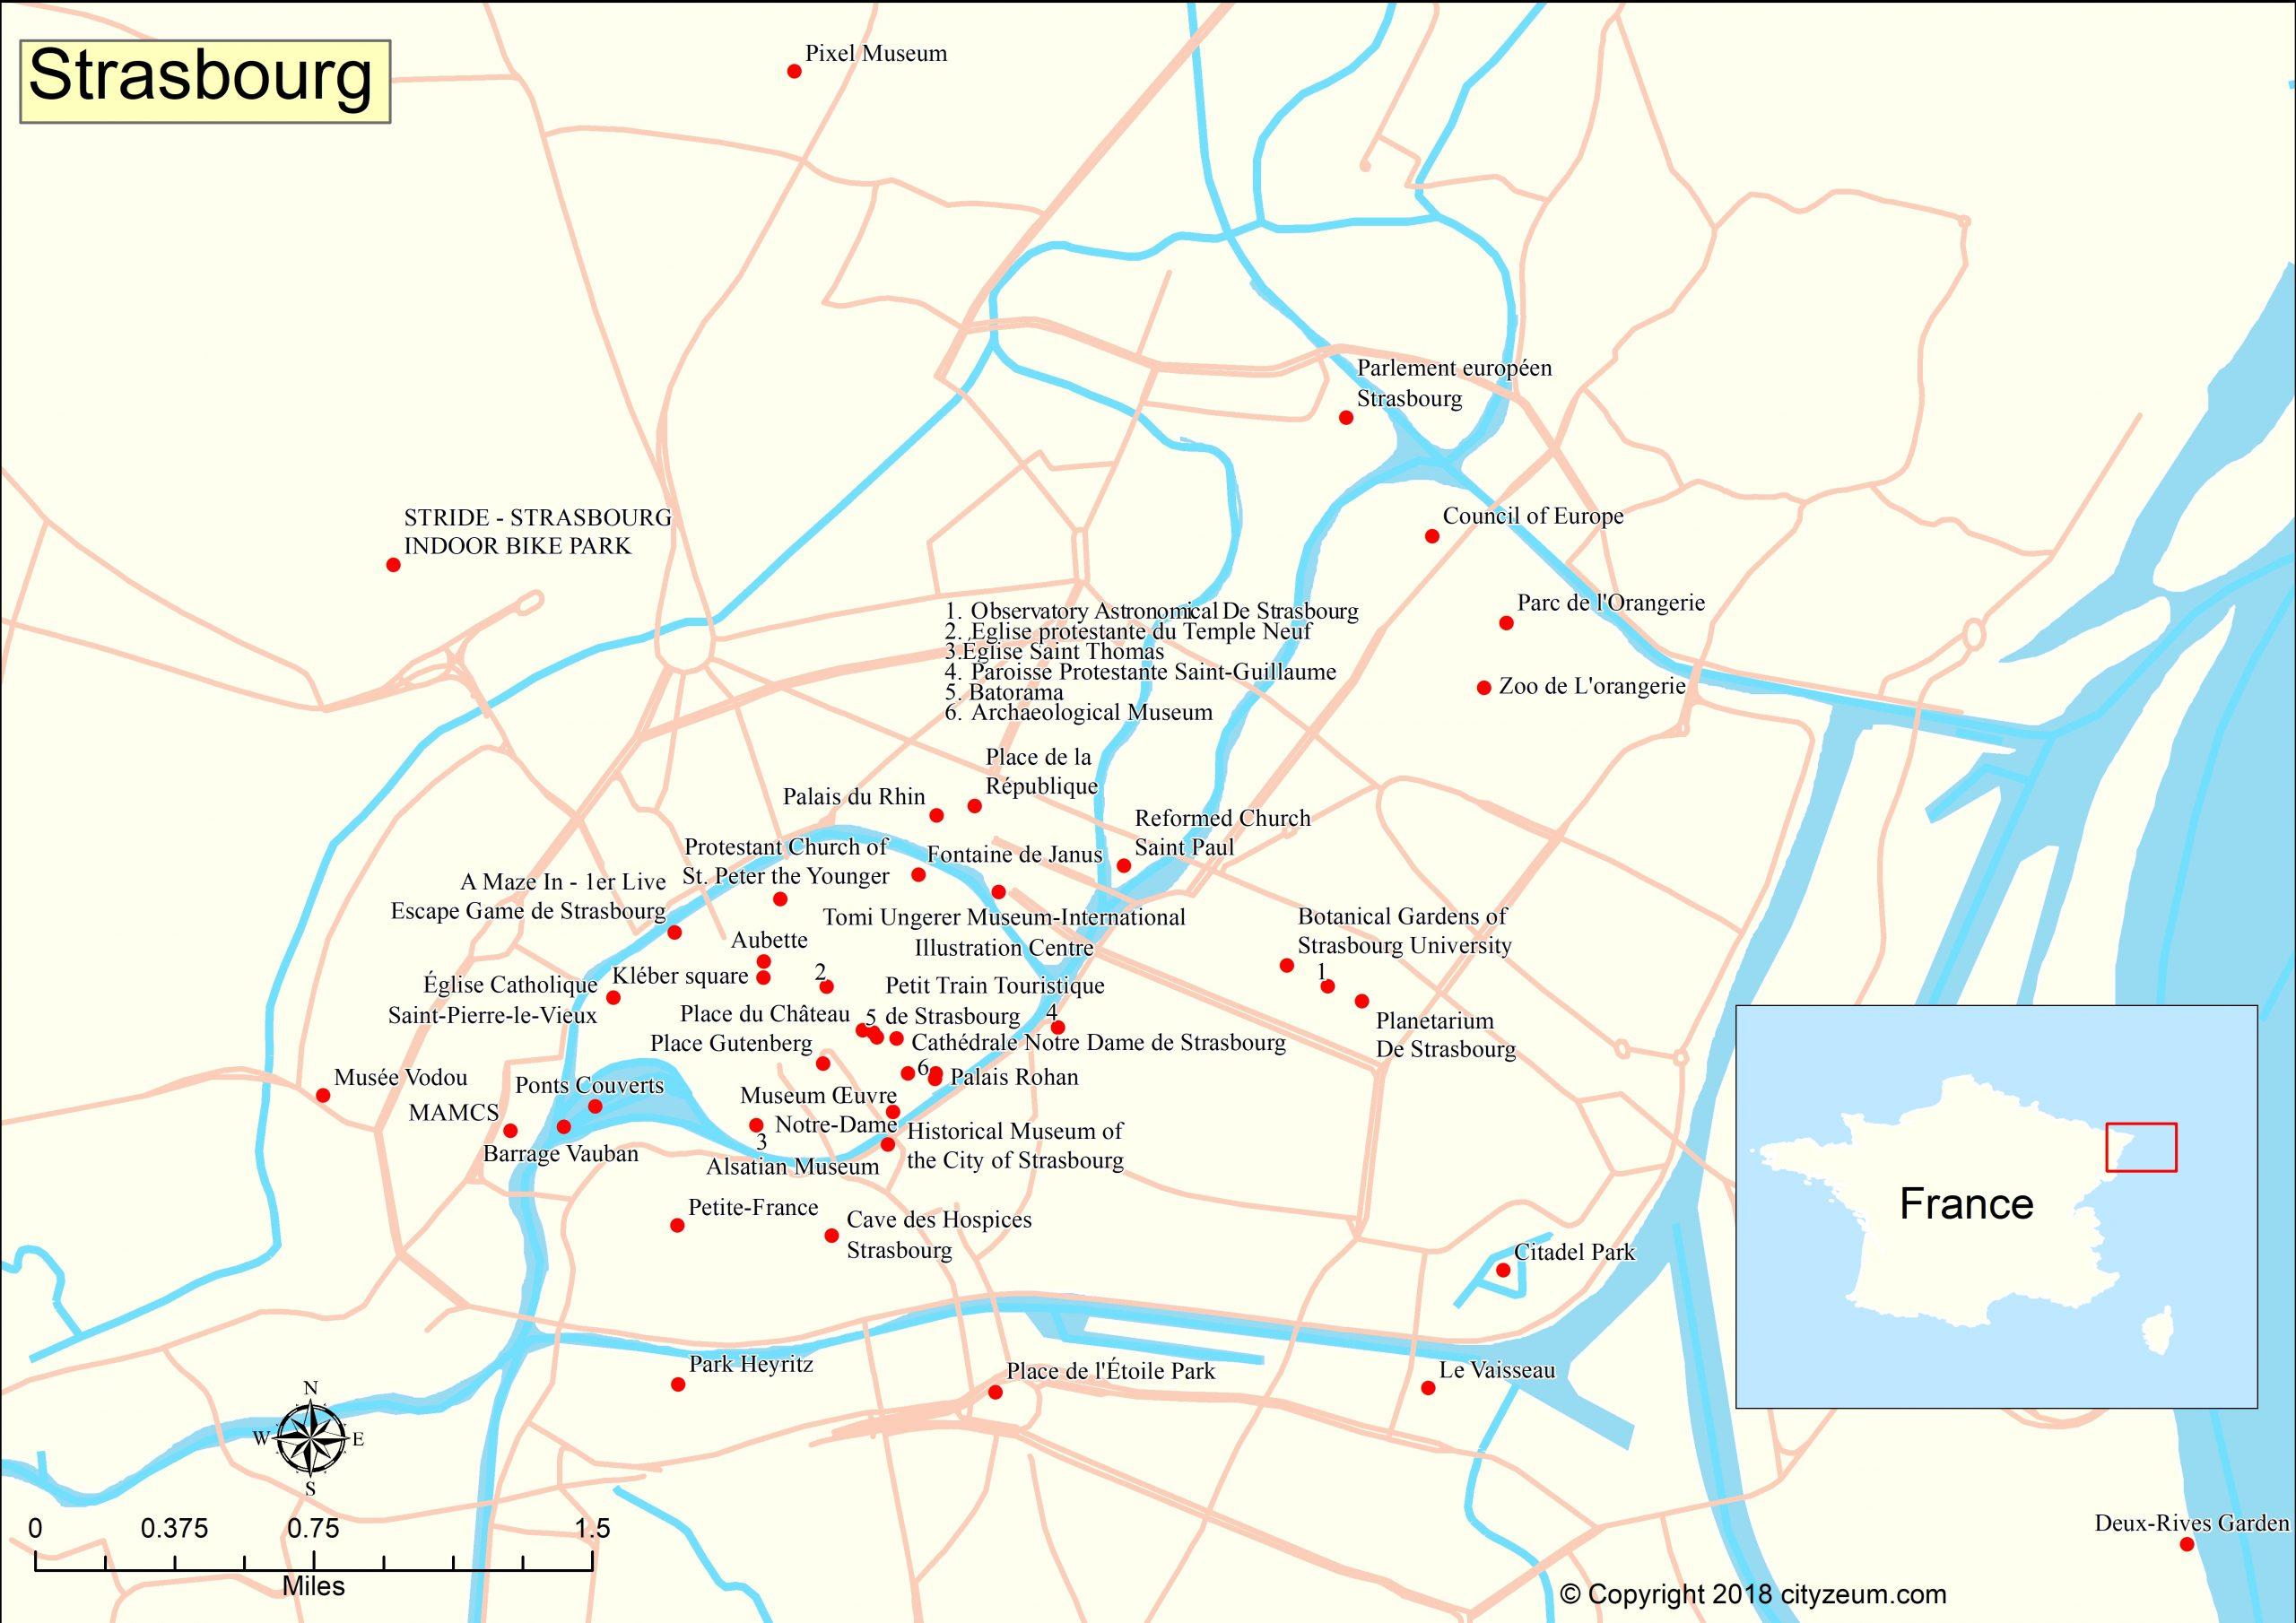 Carte De Strasbourg : Plan Touristique Strasbourg dedans Carte De France Imprimable Gratuite